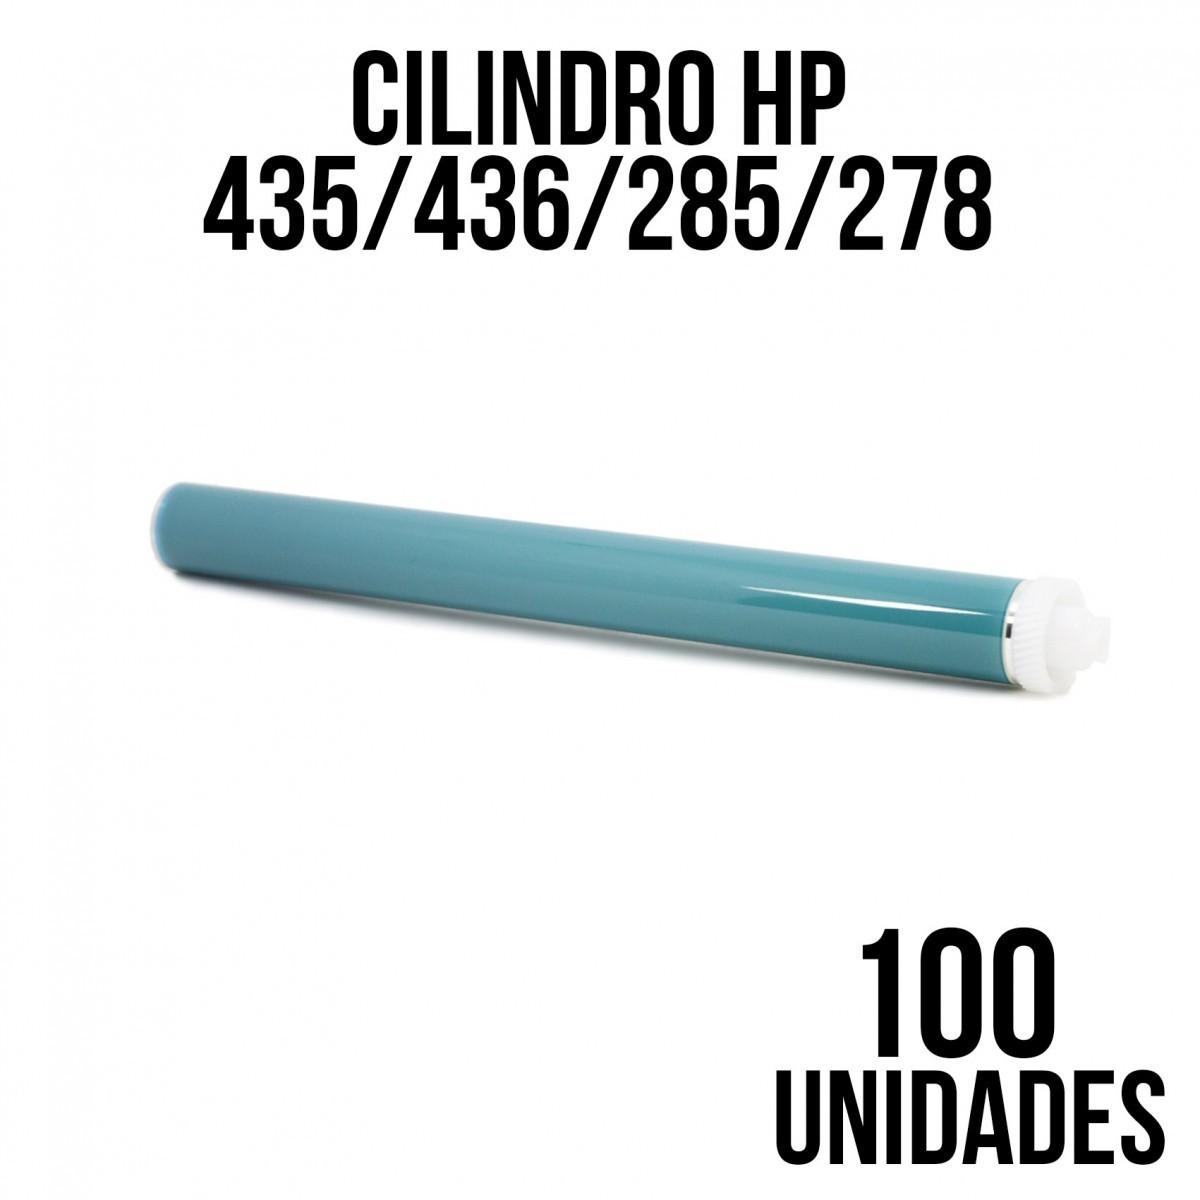 CILINDRO HP 285/435/436/CE278/285/283/85/283  - COM 100 UNIDADES